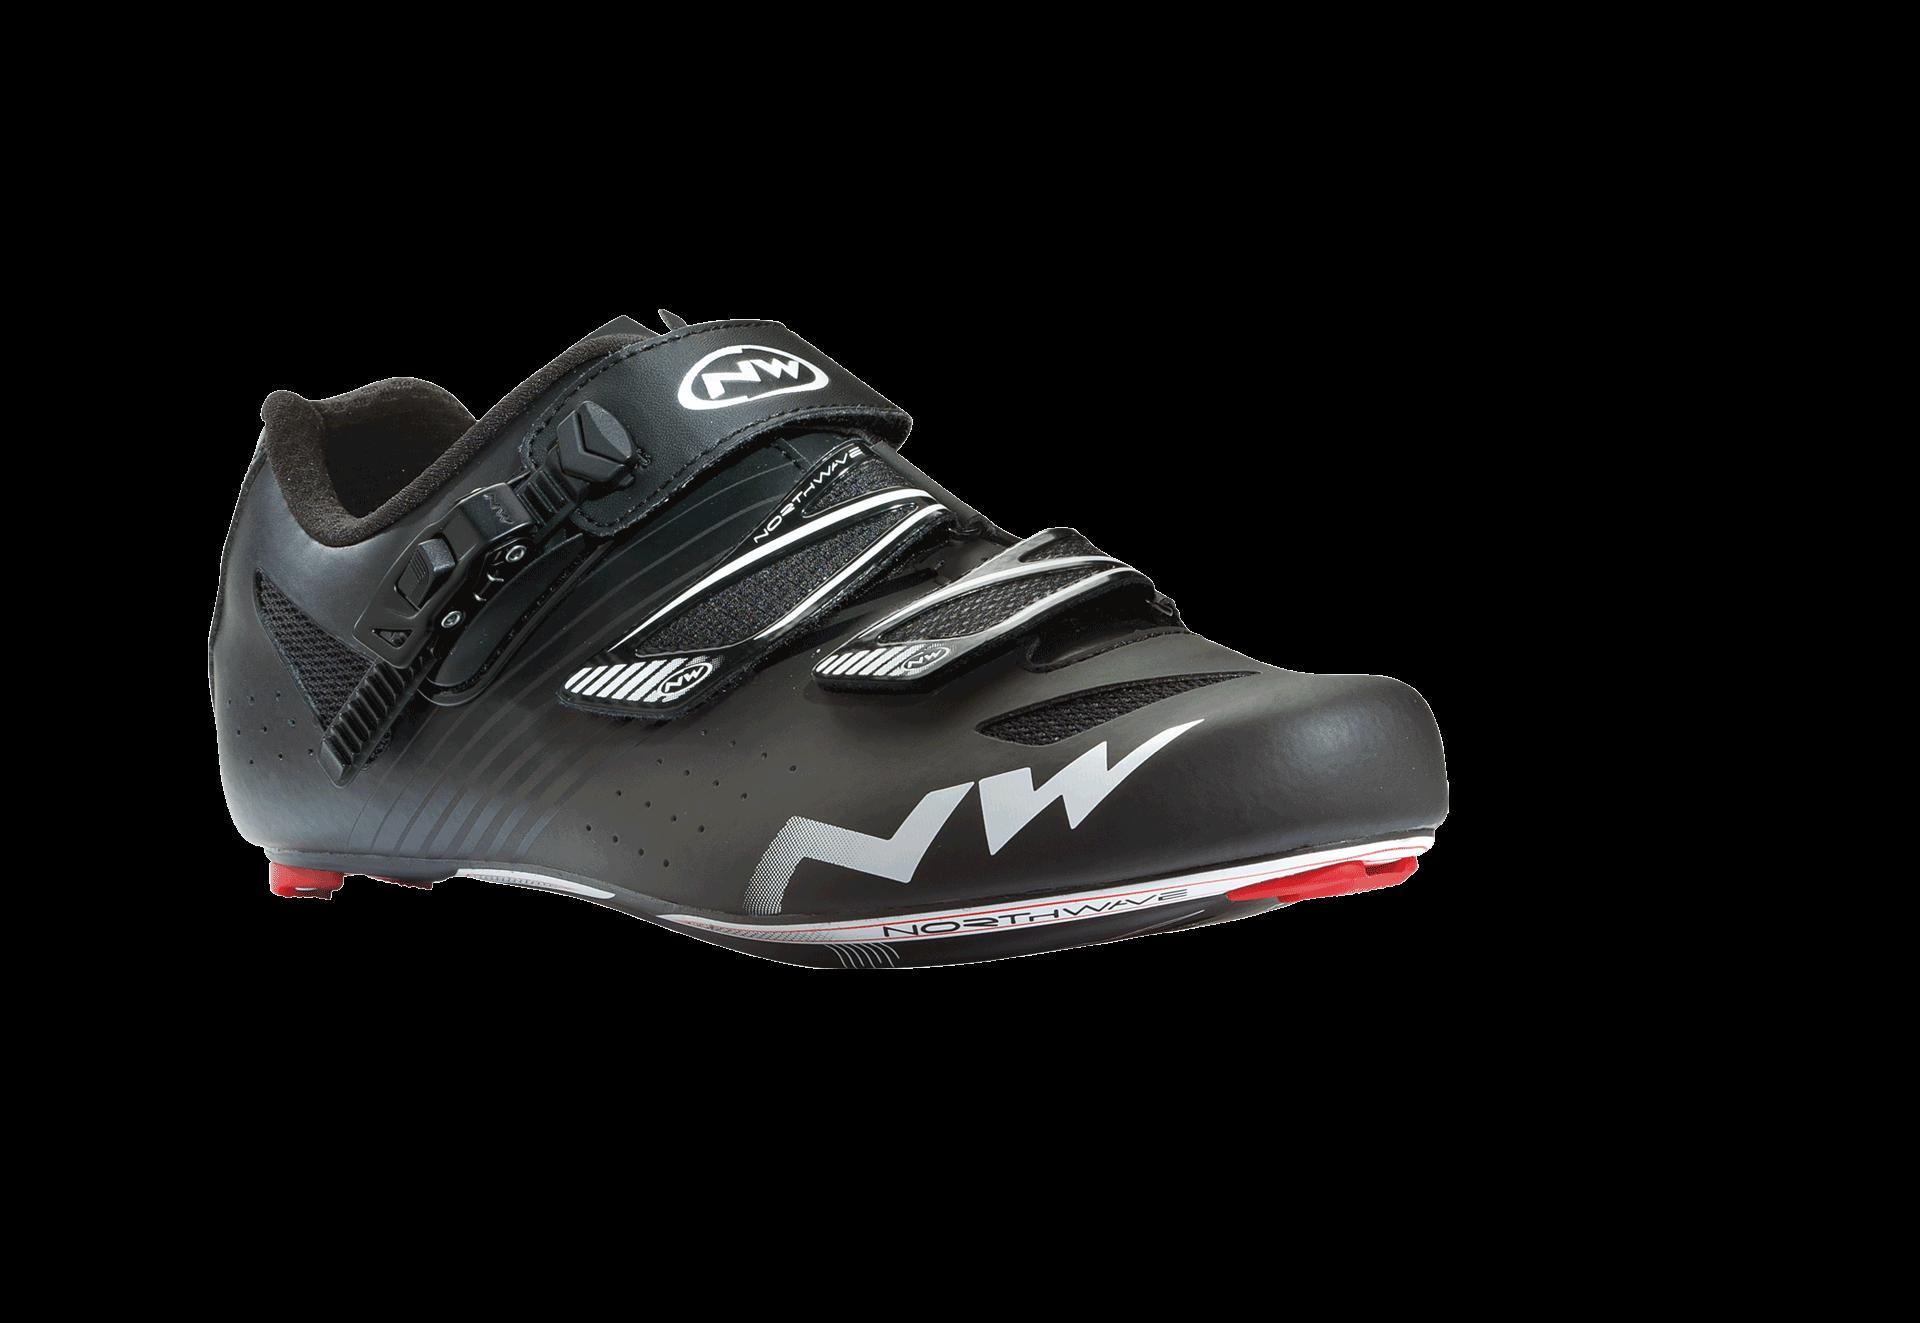 Chaussures Noires Northwave Pour L'été Avec Des Hommes De Fermeture Velcro lw01cfrOV